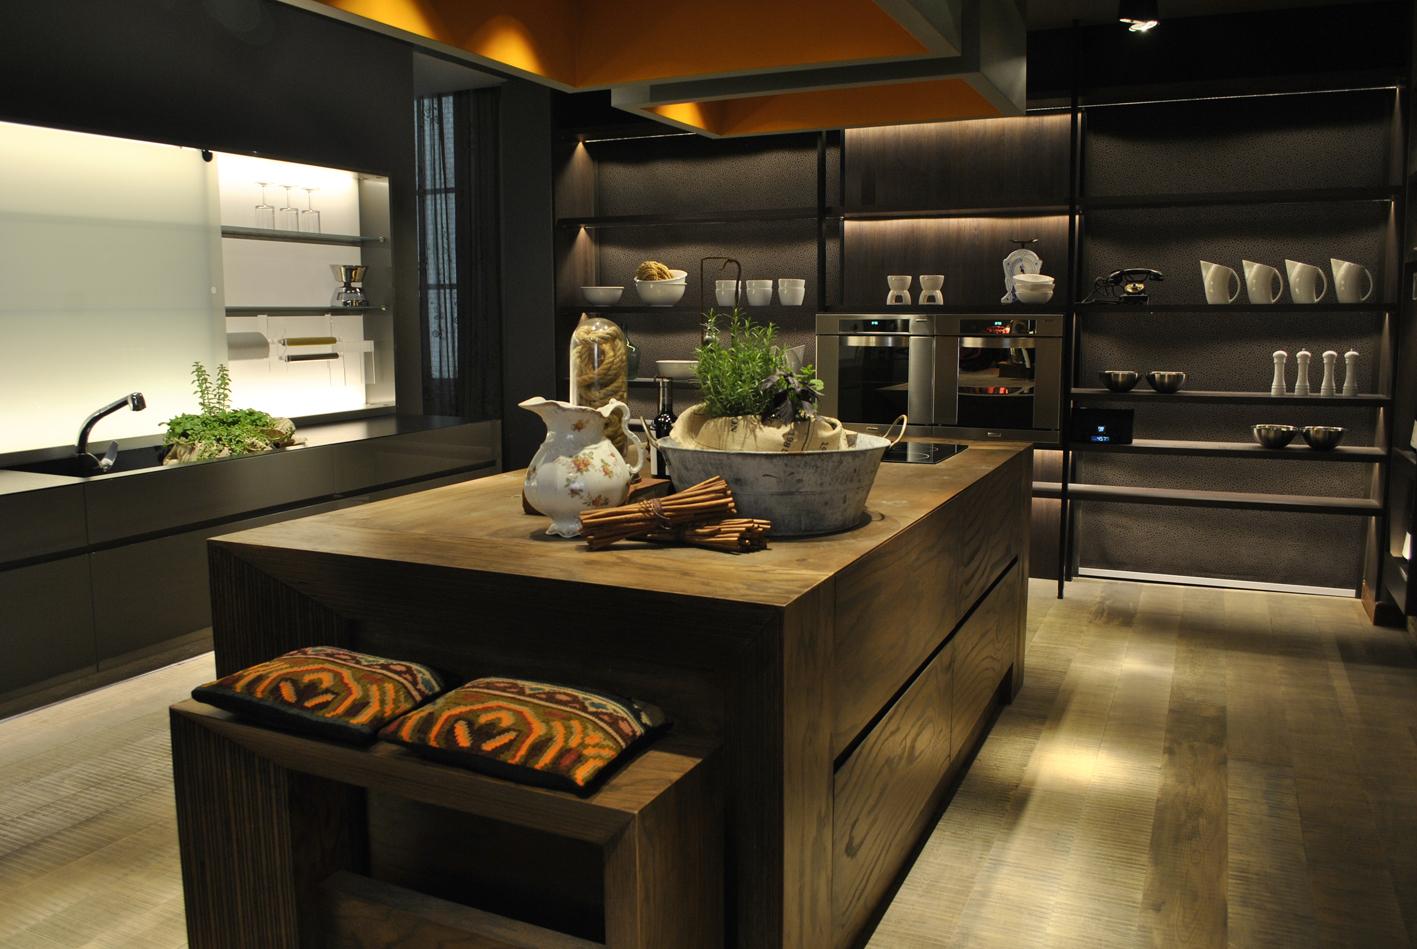 Vistoso Diseño De La Cocina De 2013 En El Líbano Imágenes - Como ...